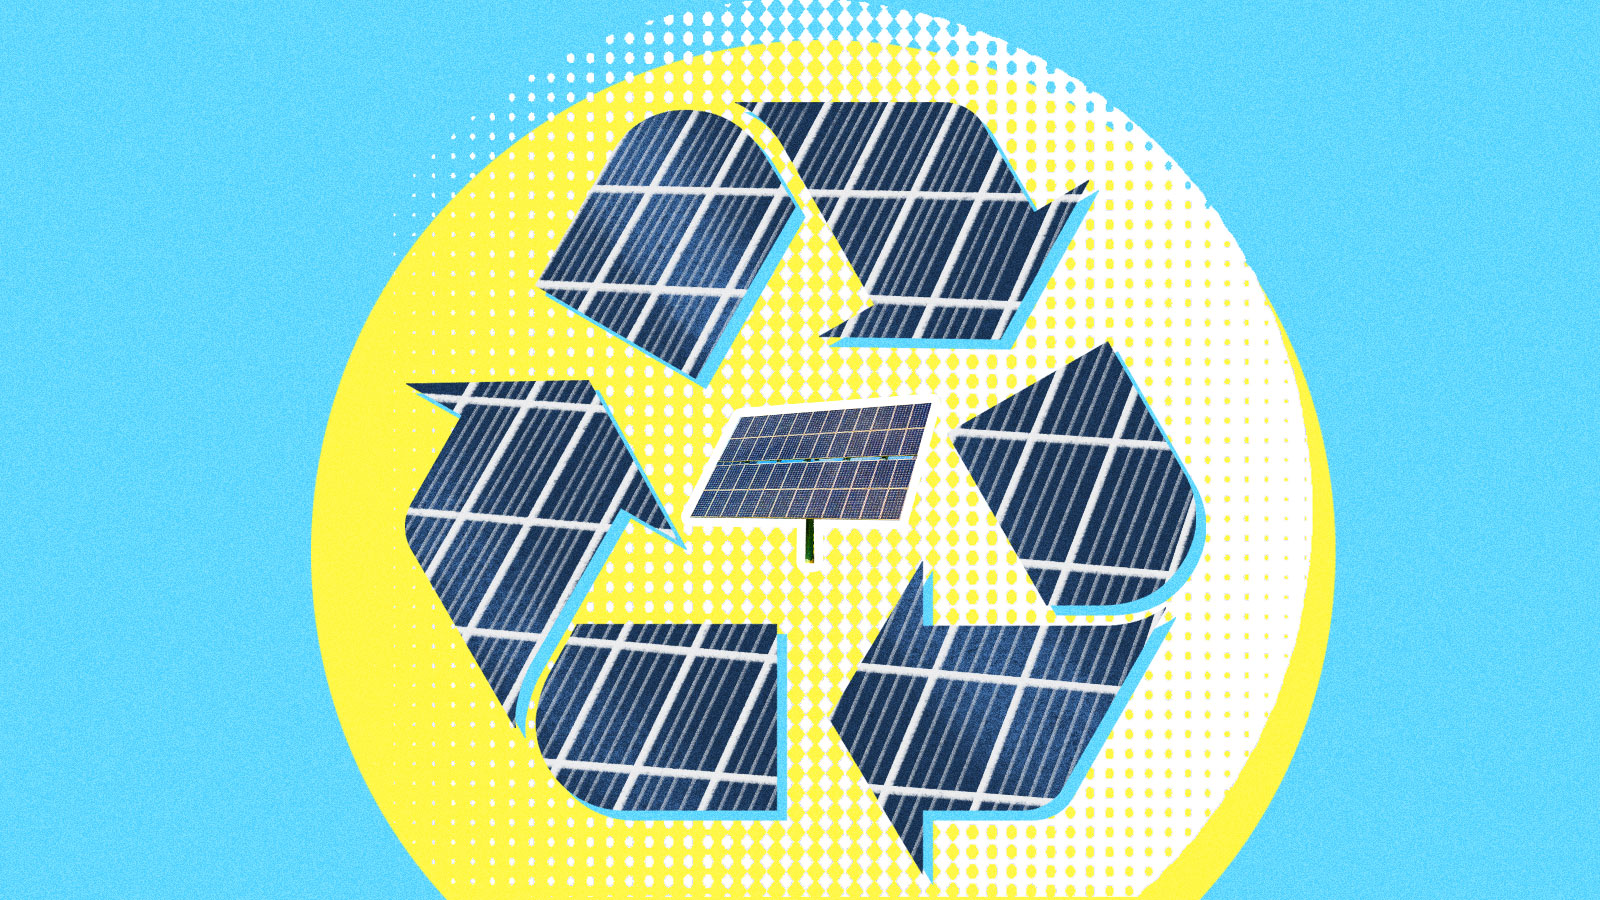 Os painéis solares estão começando a morrer. O que faremos com os megatons de lixo tóxico?